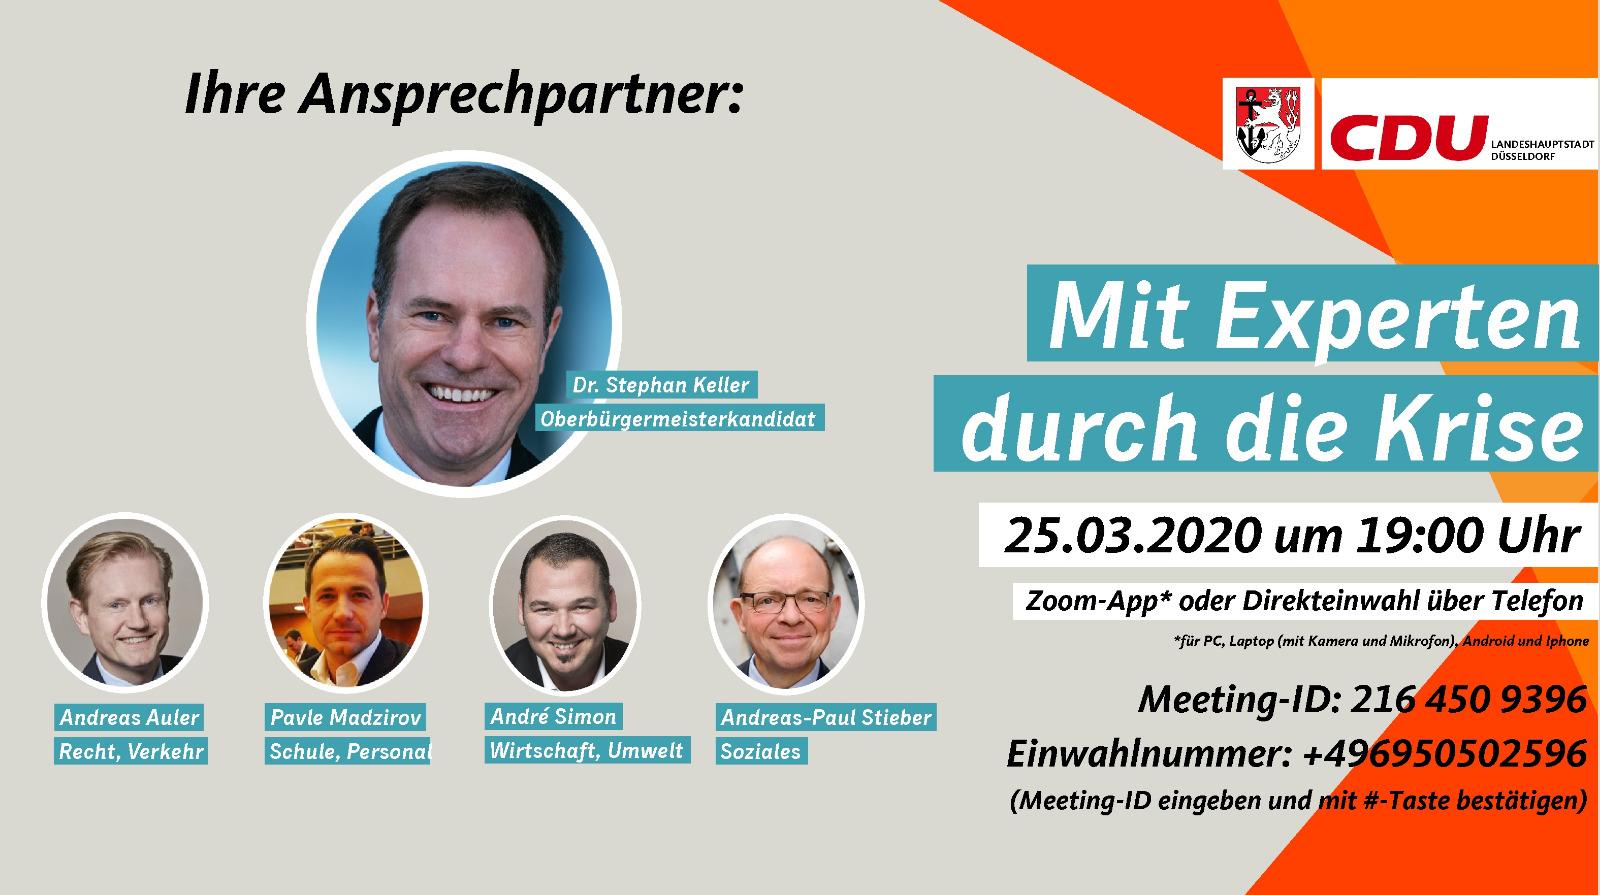 Die CDU Düsseldorf erreicht das digitale Zeitalter (Foto: xity)